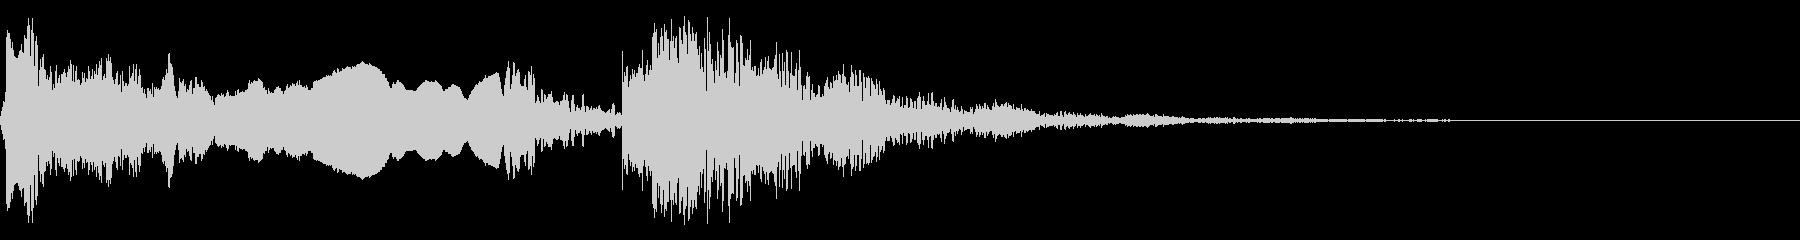 和風な歌舞伎の笛(能管)太鼓インパクト4の未再生の波形